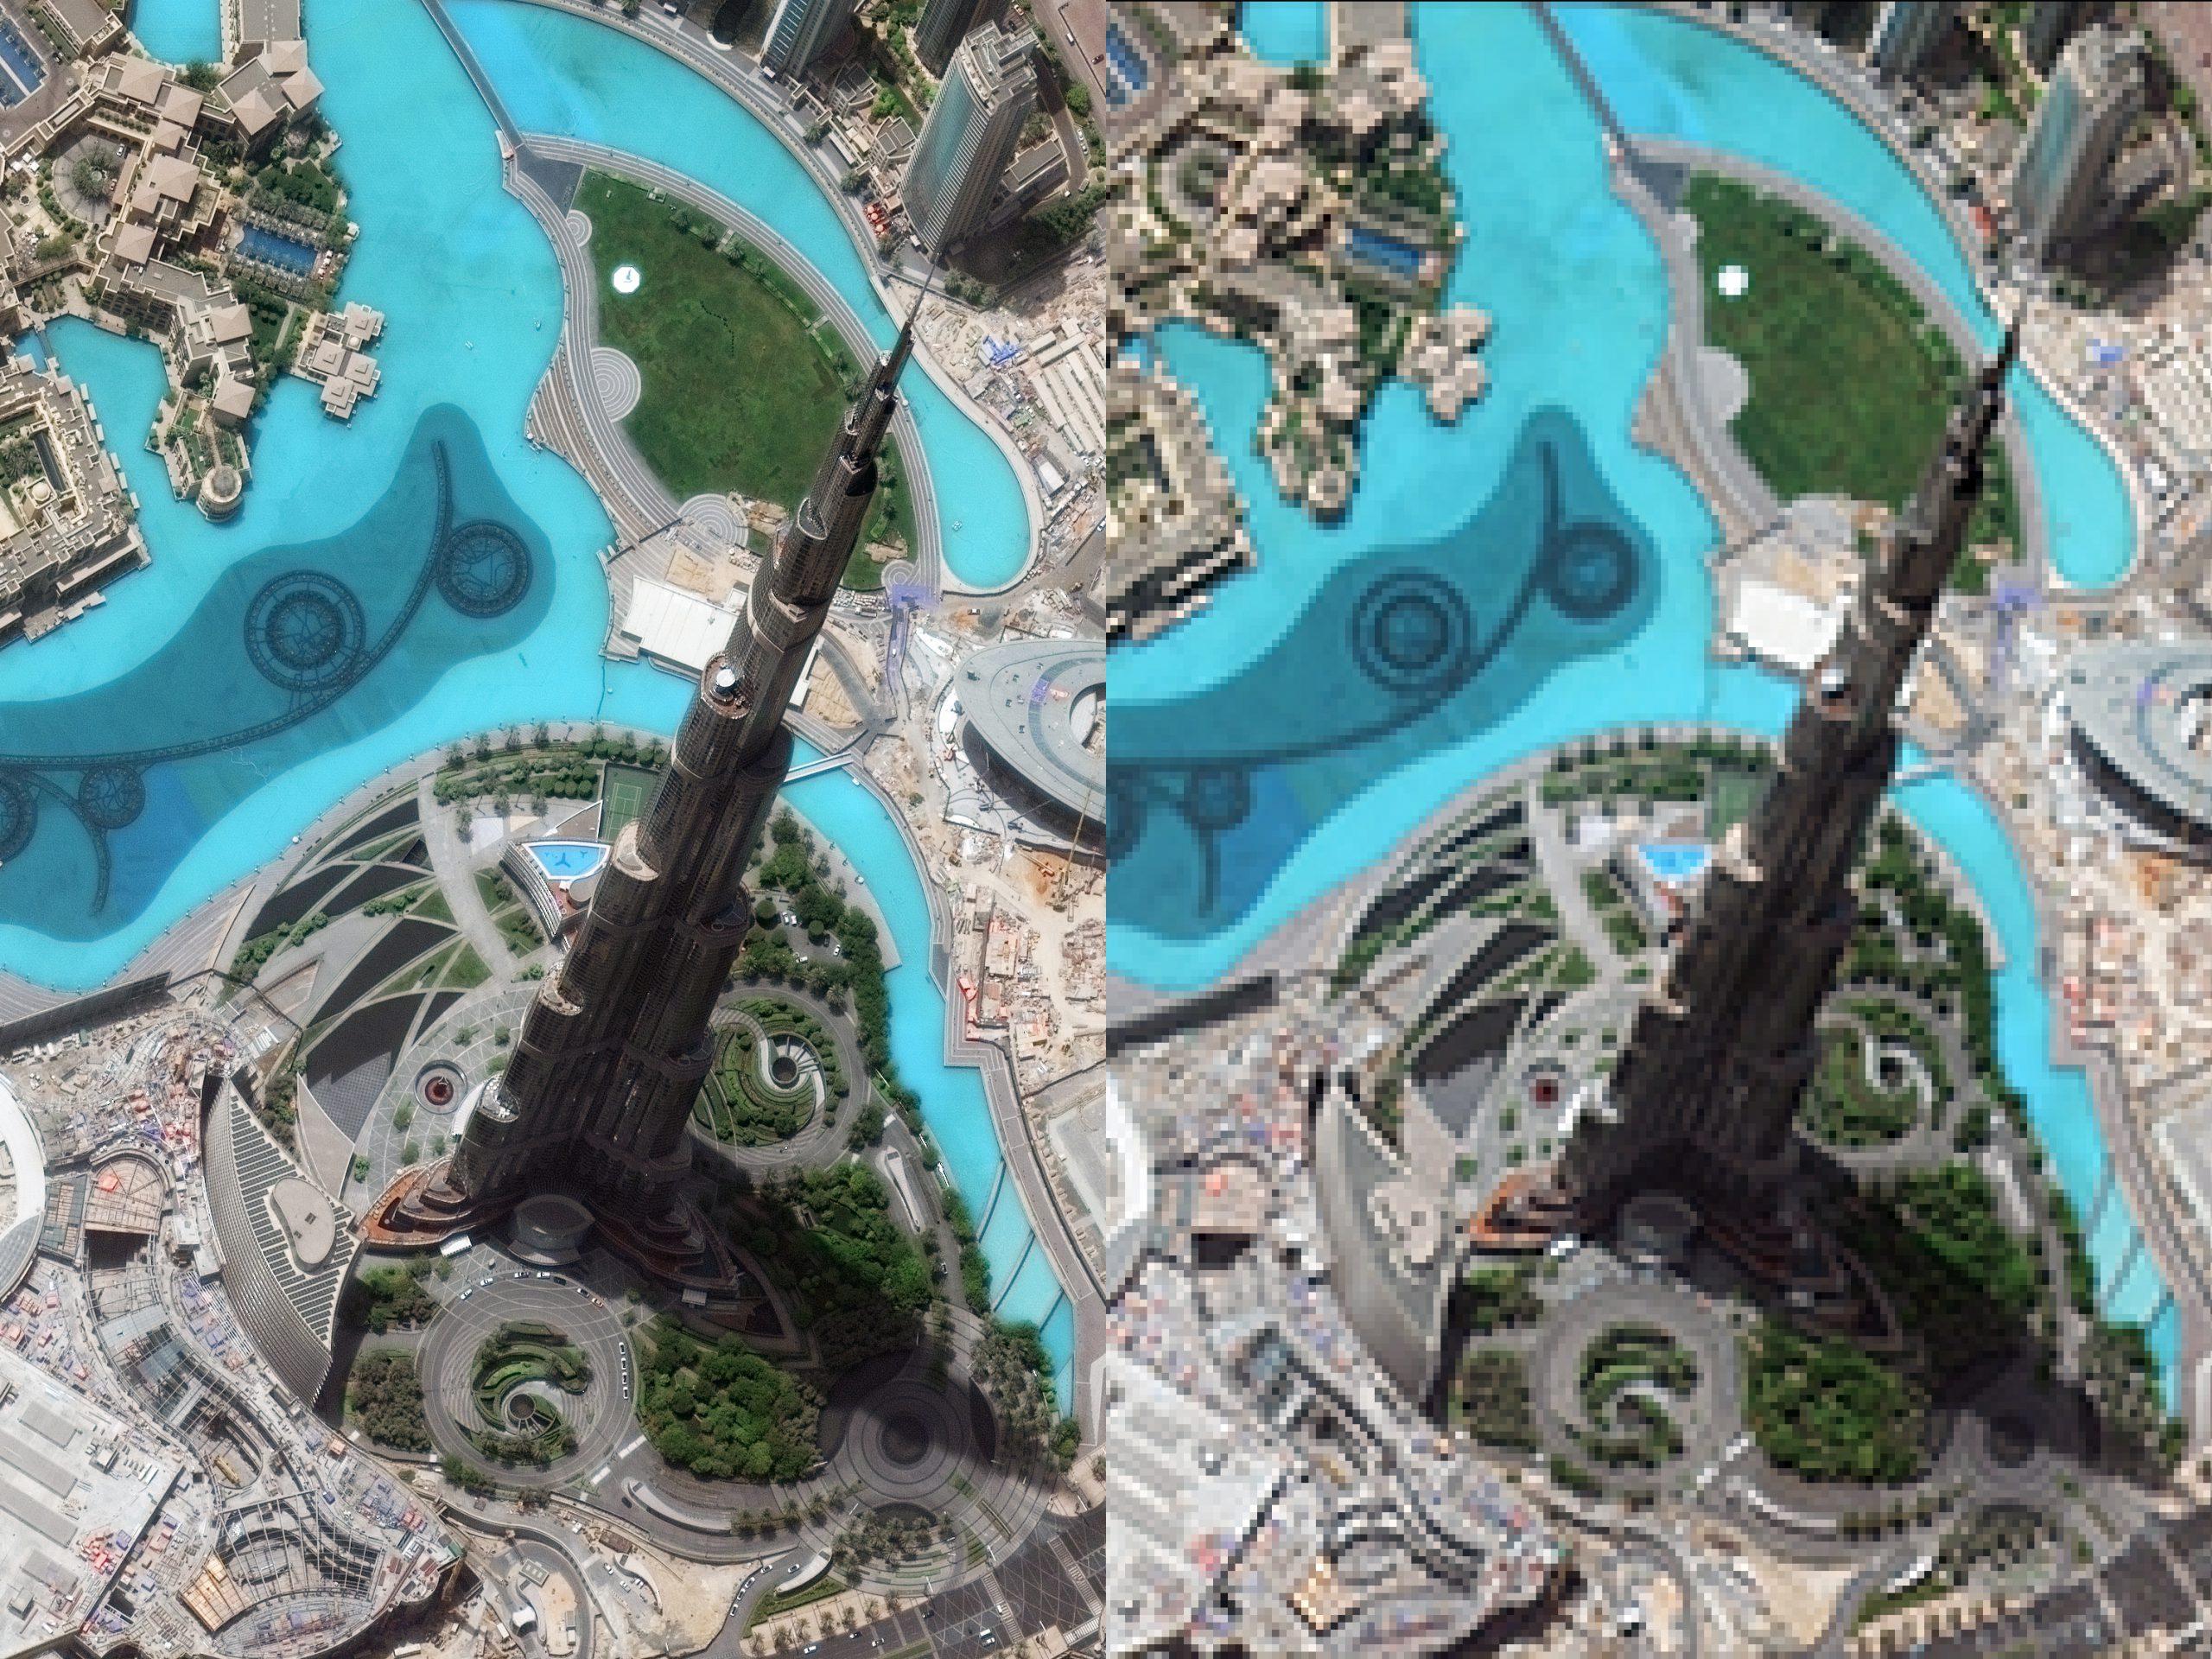 Wieżowiec Burdż Chalifa w Dubaju - po lewej w rozdzielczości około 1 m/piksel, po prawej - w 100 razy mniejszej (10 m/piksel). Fot. DigitalGlobe